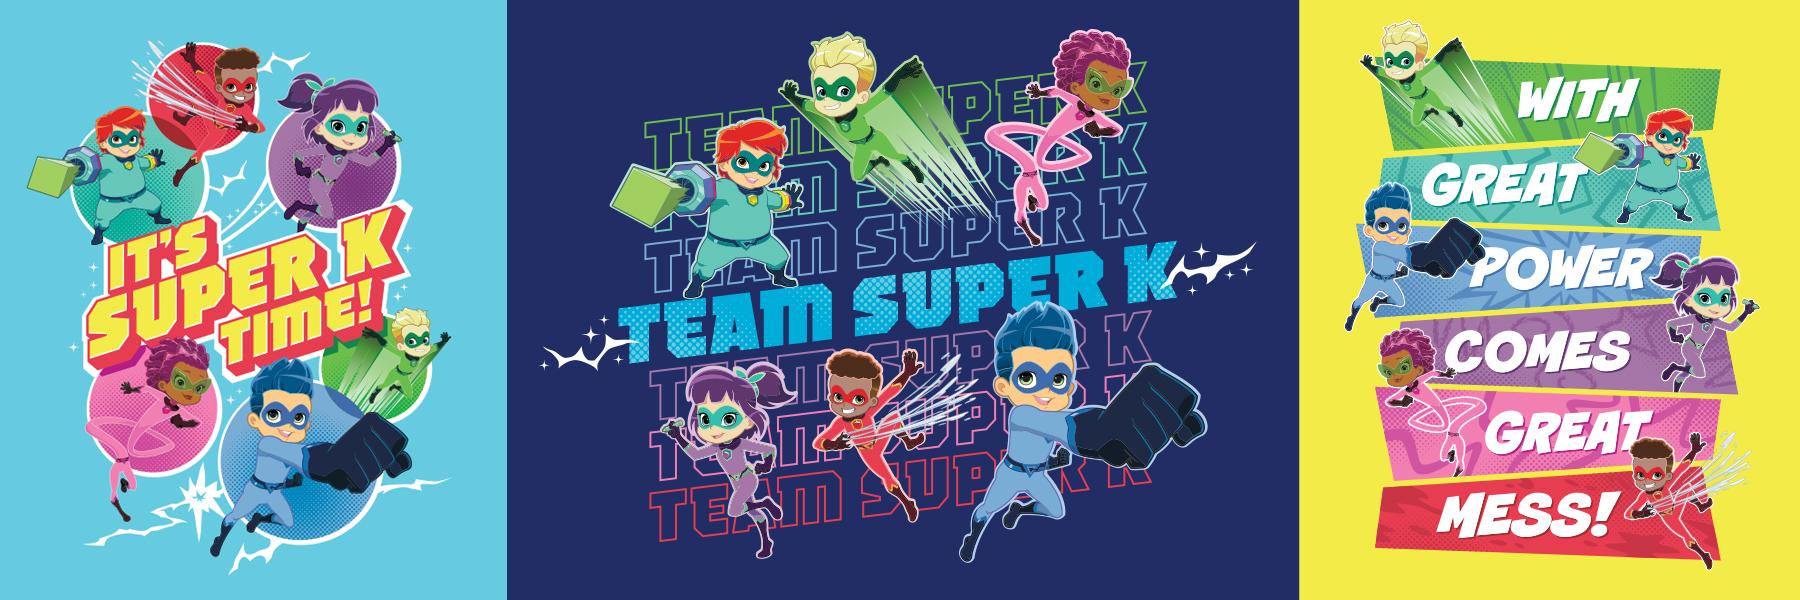 Stan Lee's Superhero Kindergarten Style Guide - Panel 2